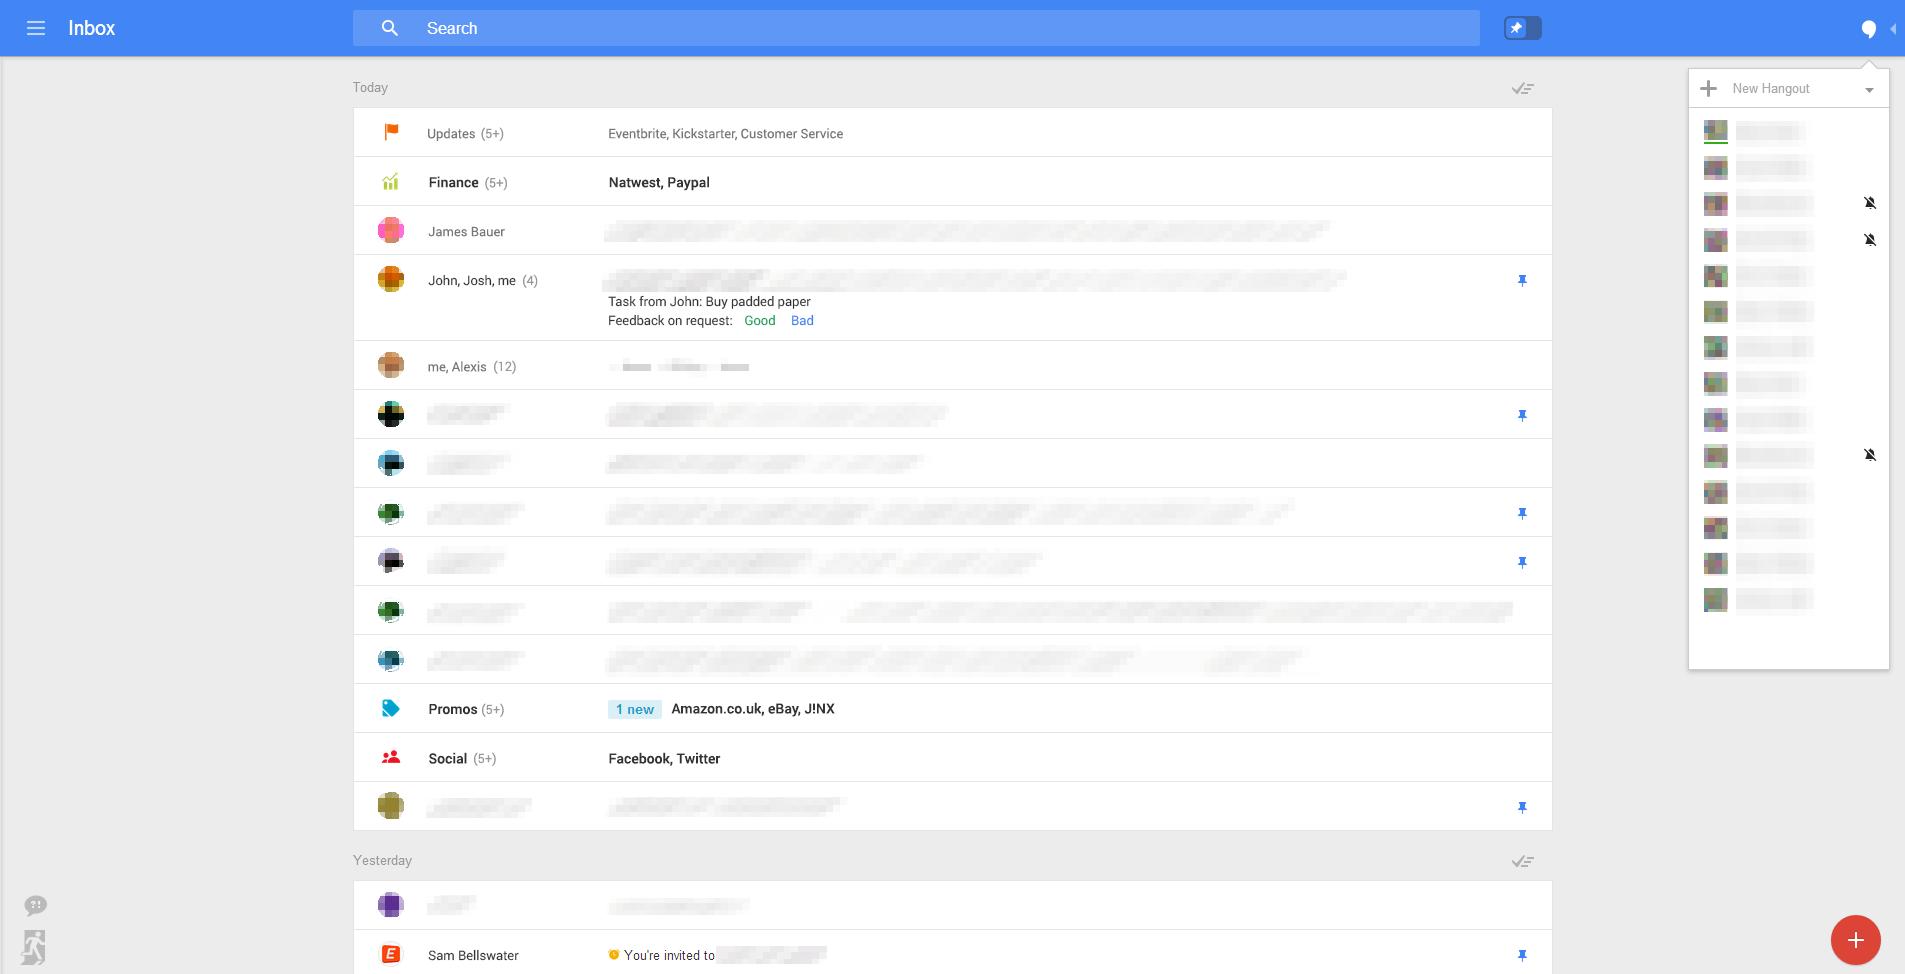 gmail-update-rumor